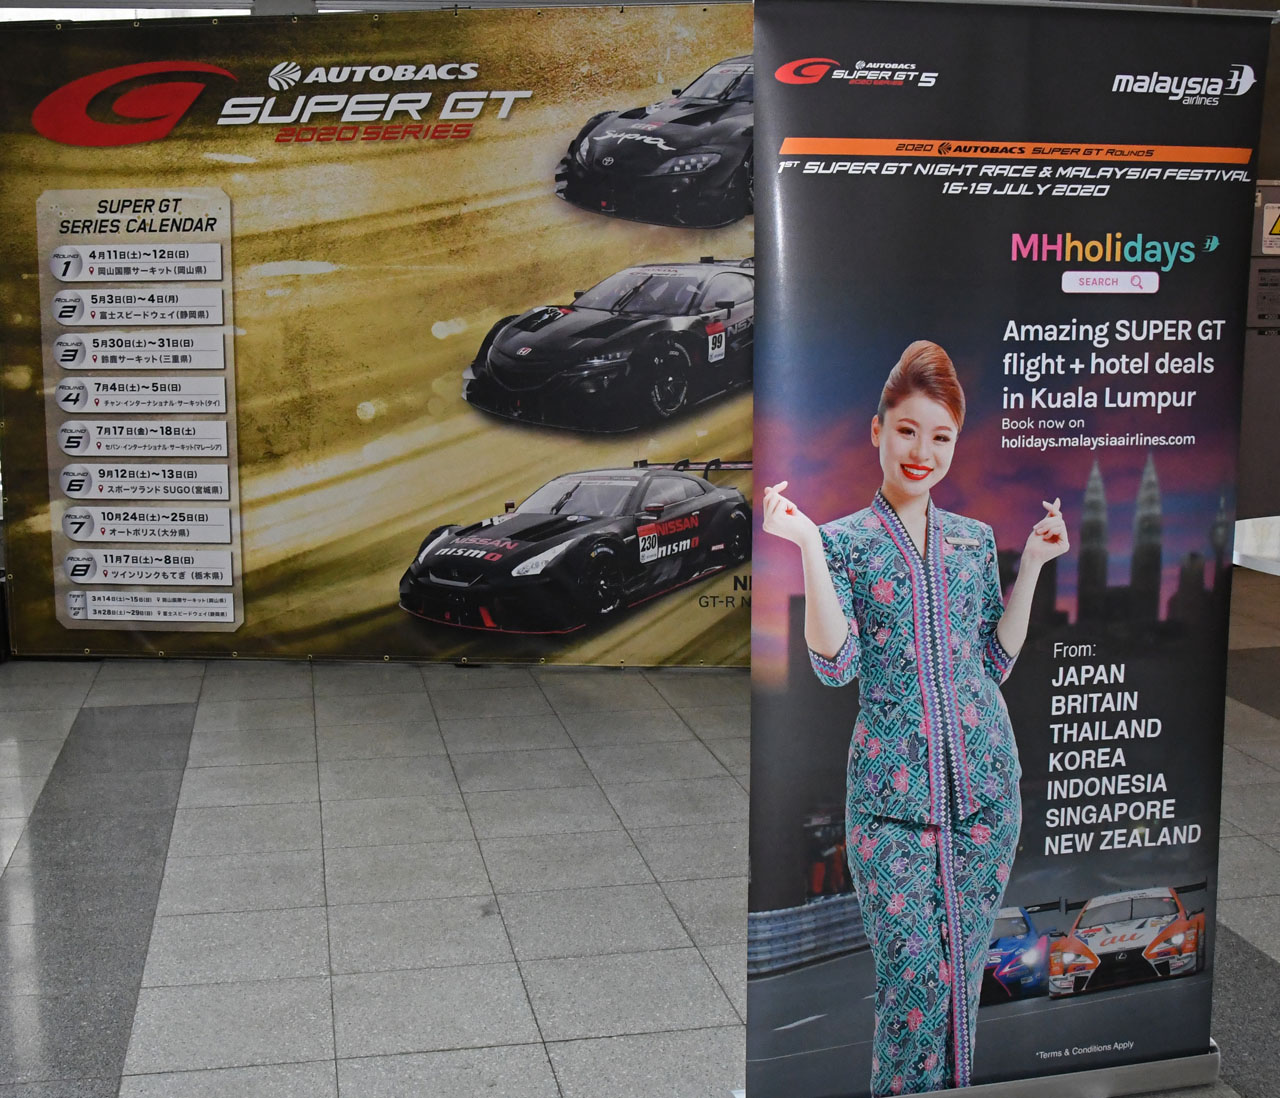 「マレーシア戦は注目のナイトレース! 2020年全8戦が発表されたスーパーGT【東京オートサロン2020】」の5枚目の画像